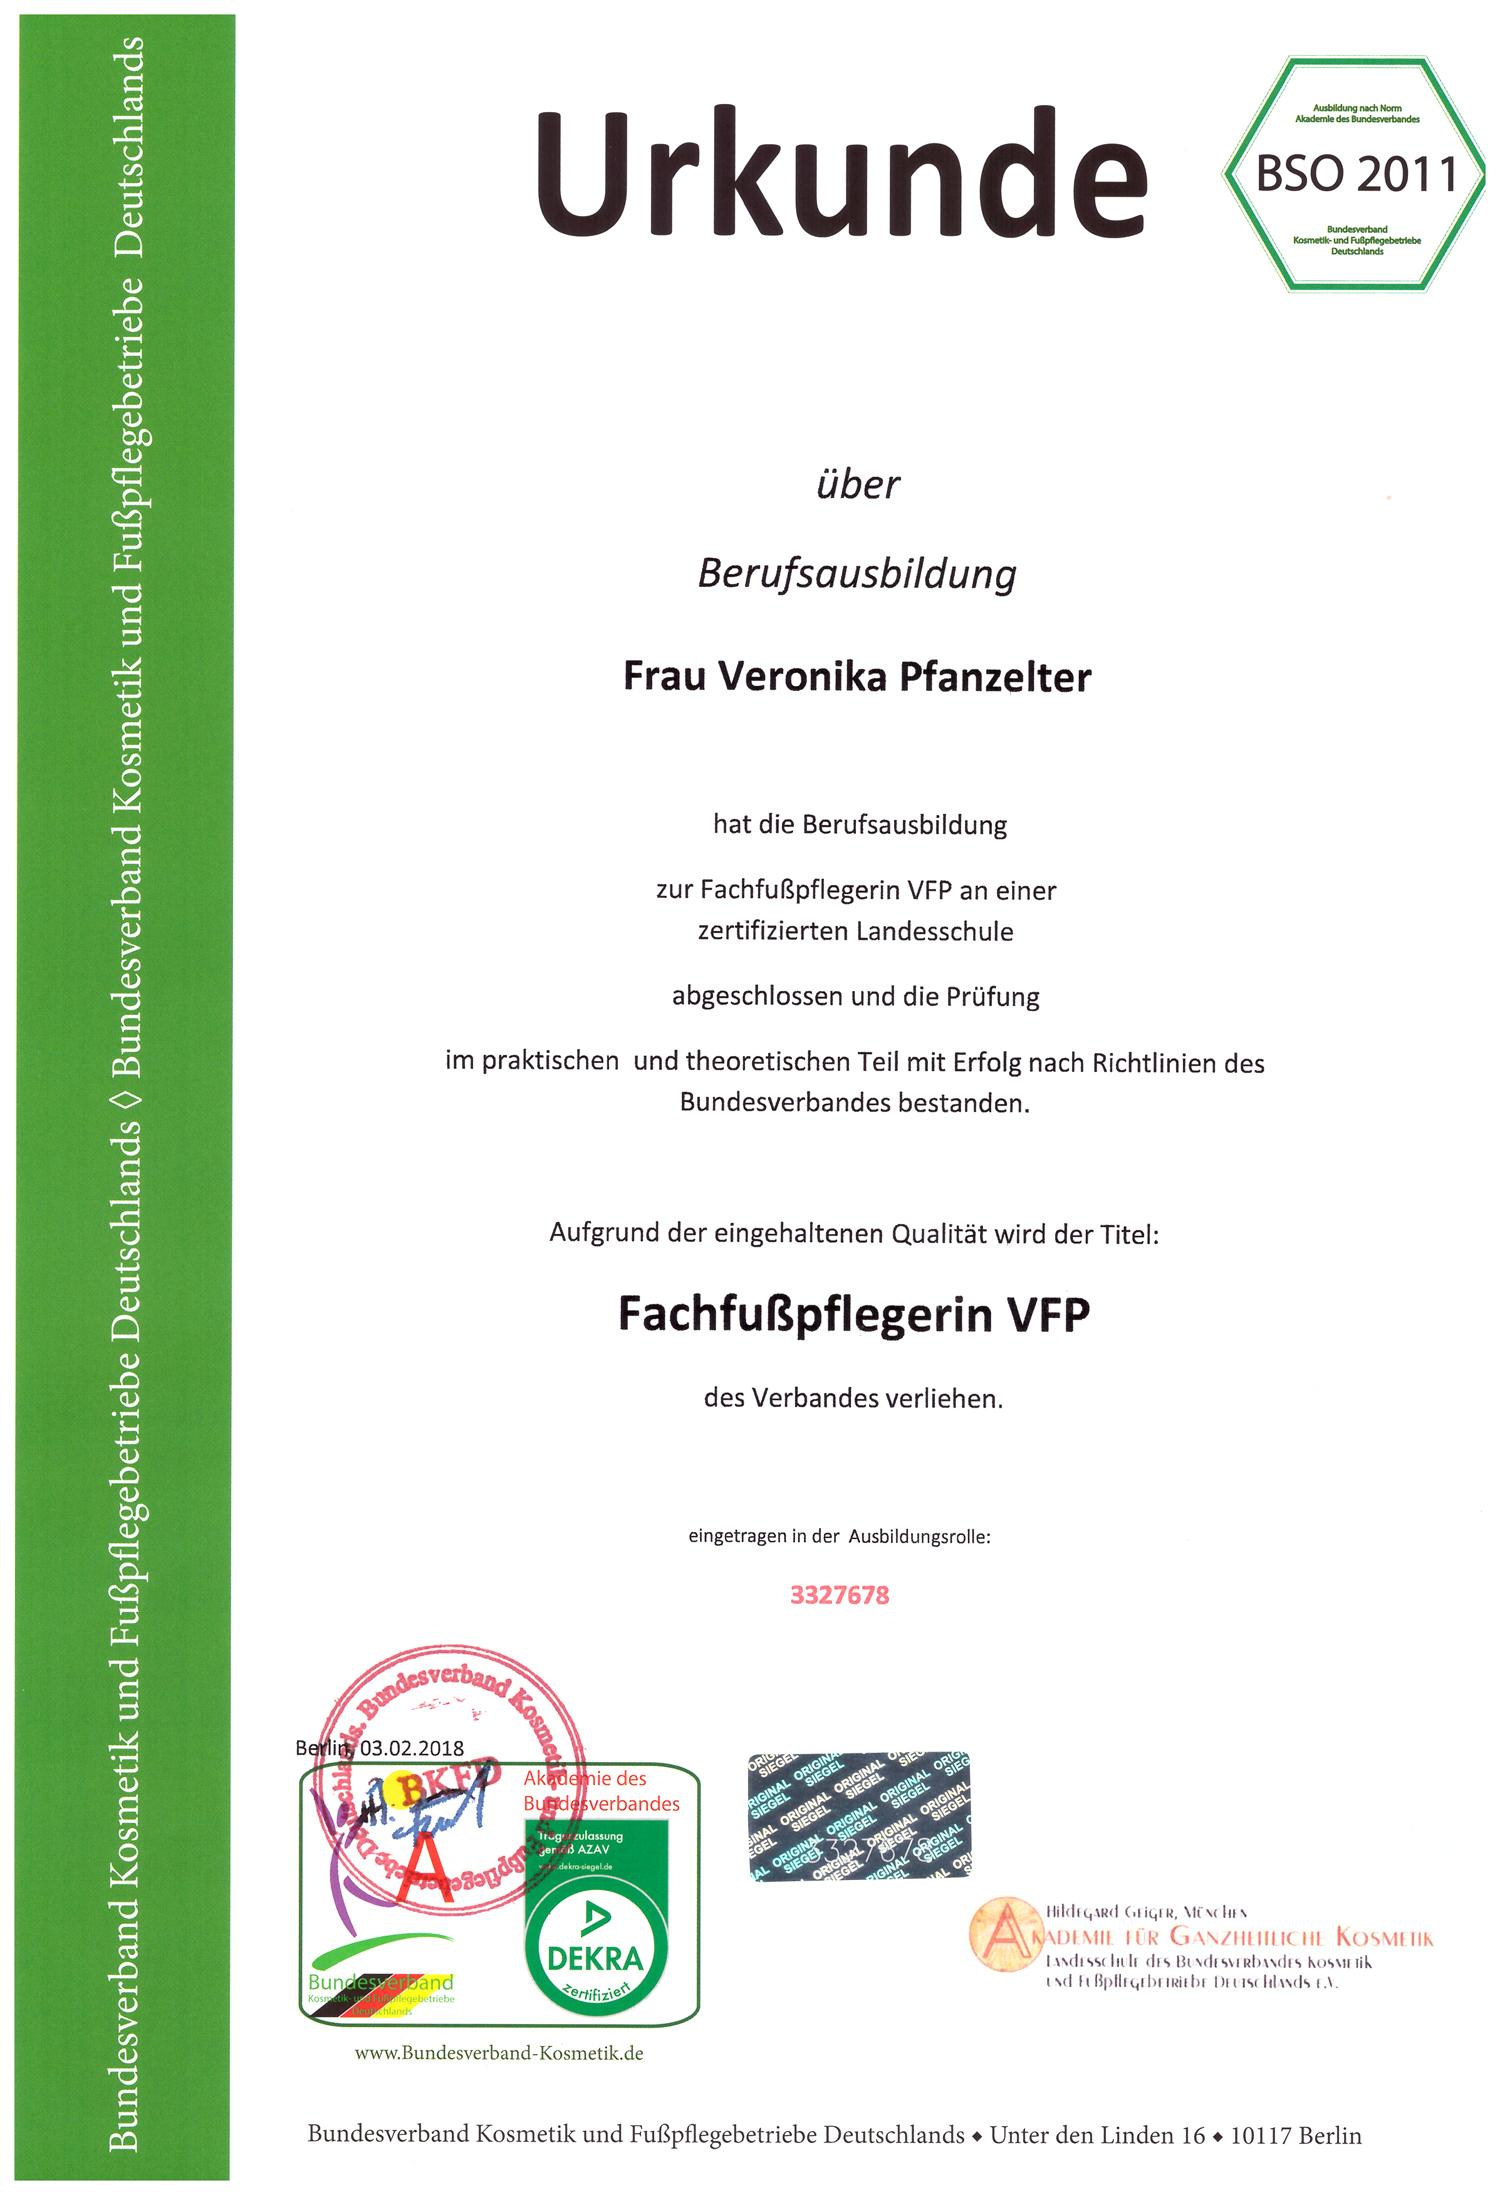 Veronika Pfanzelter - Berufsausbildung Fachfußpflegerin VFP